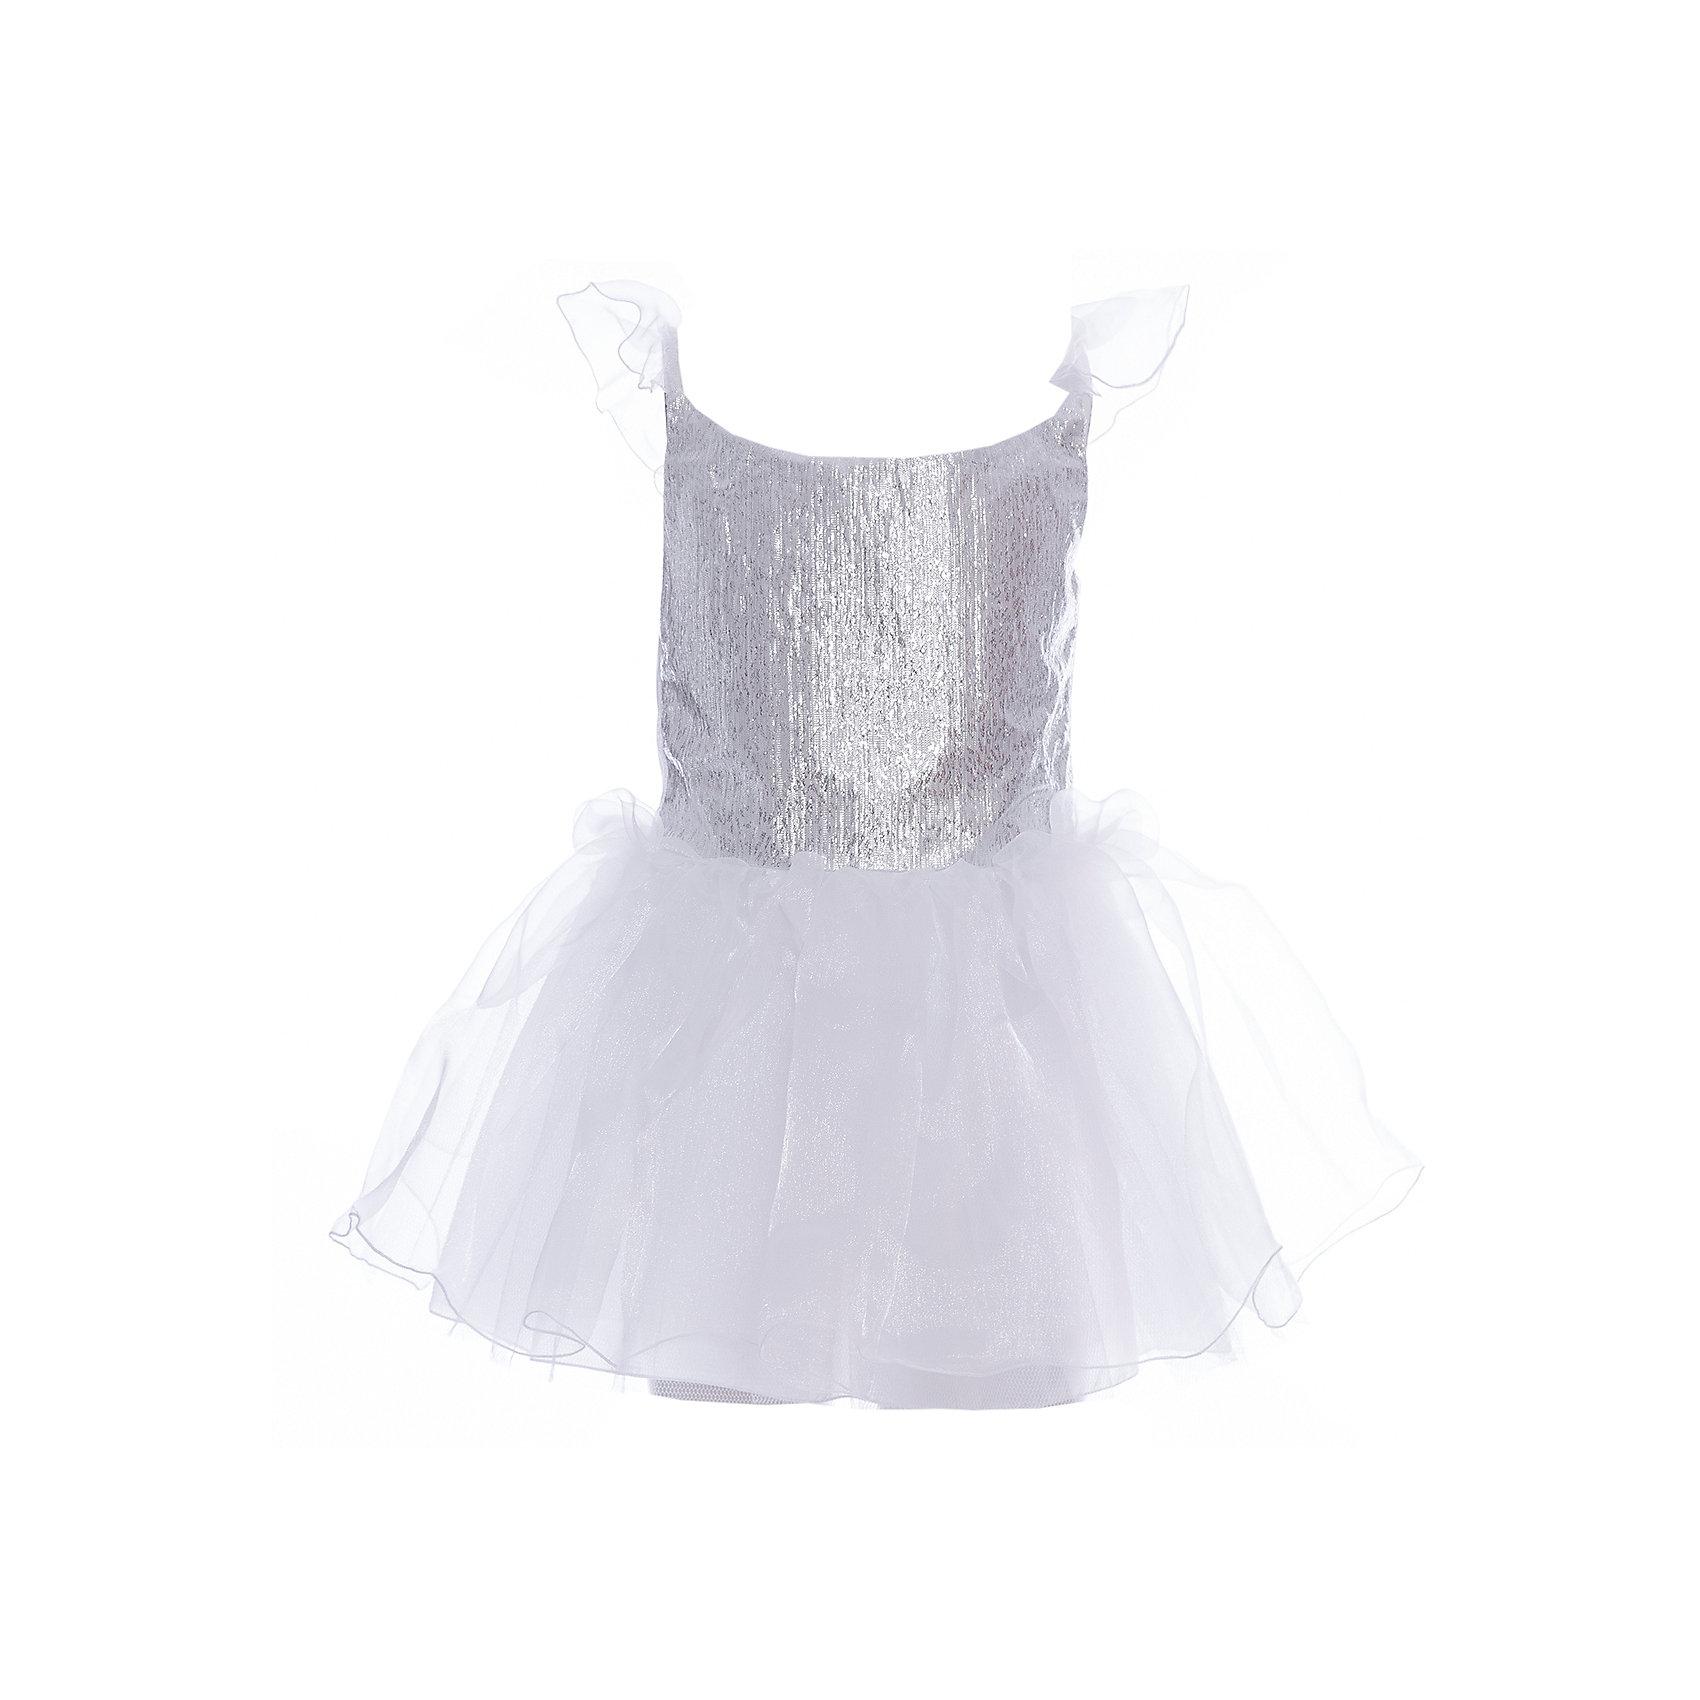 Вестифика Карнавальный костюм для девочки Снежинка, Вестифика карнавальный костюм снежинка 32